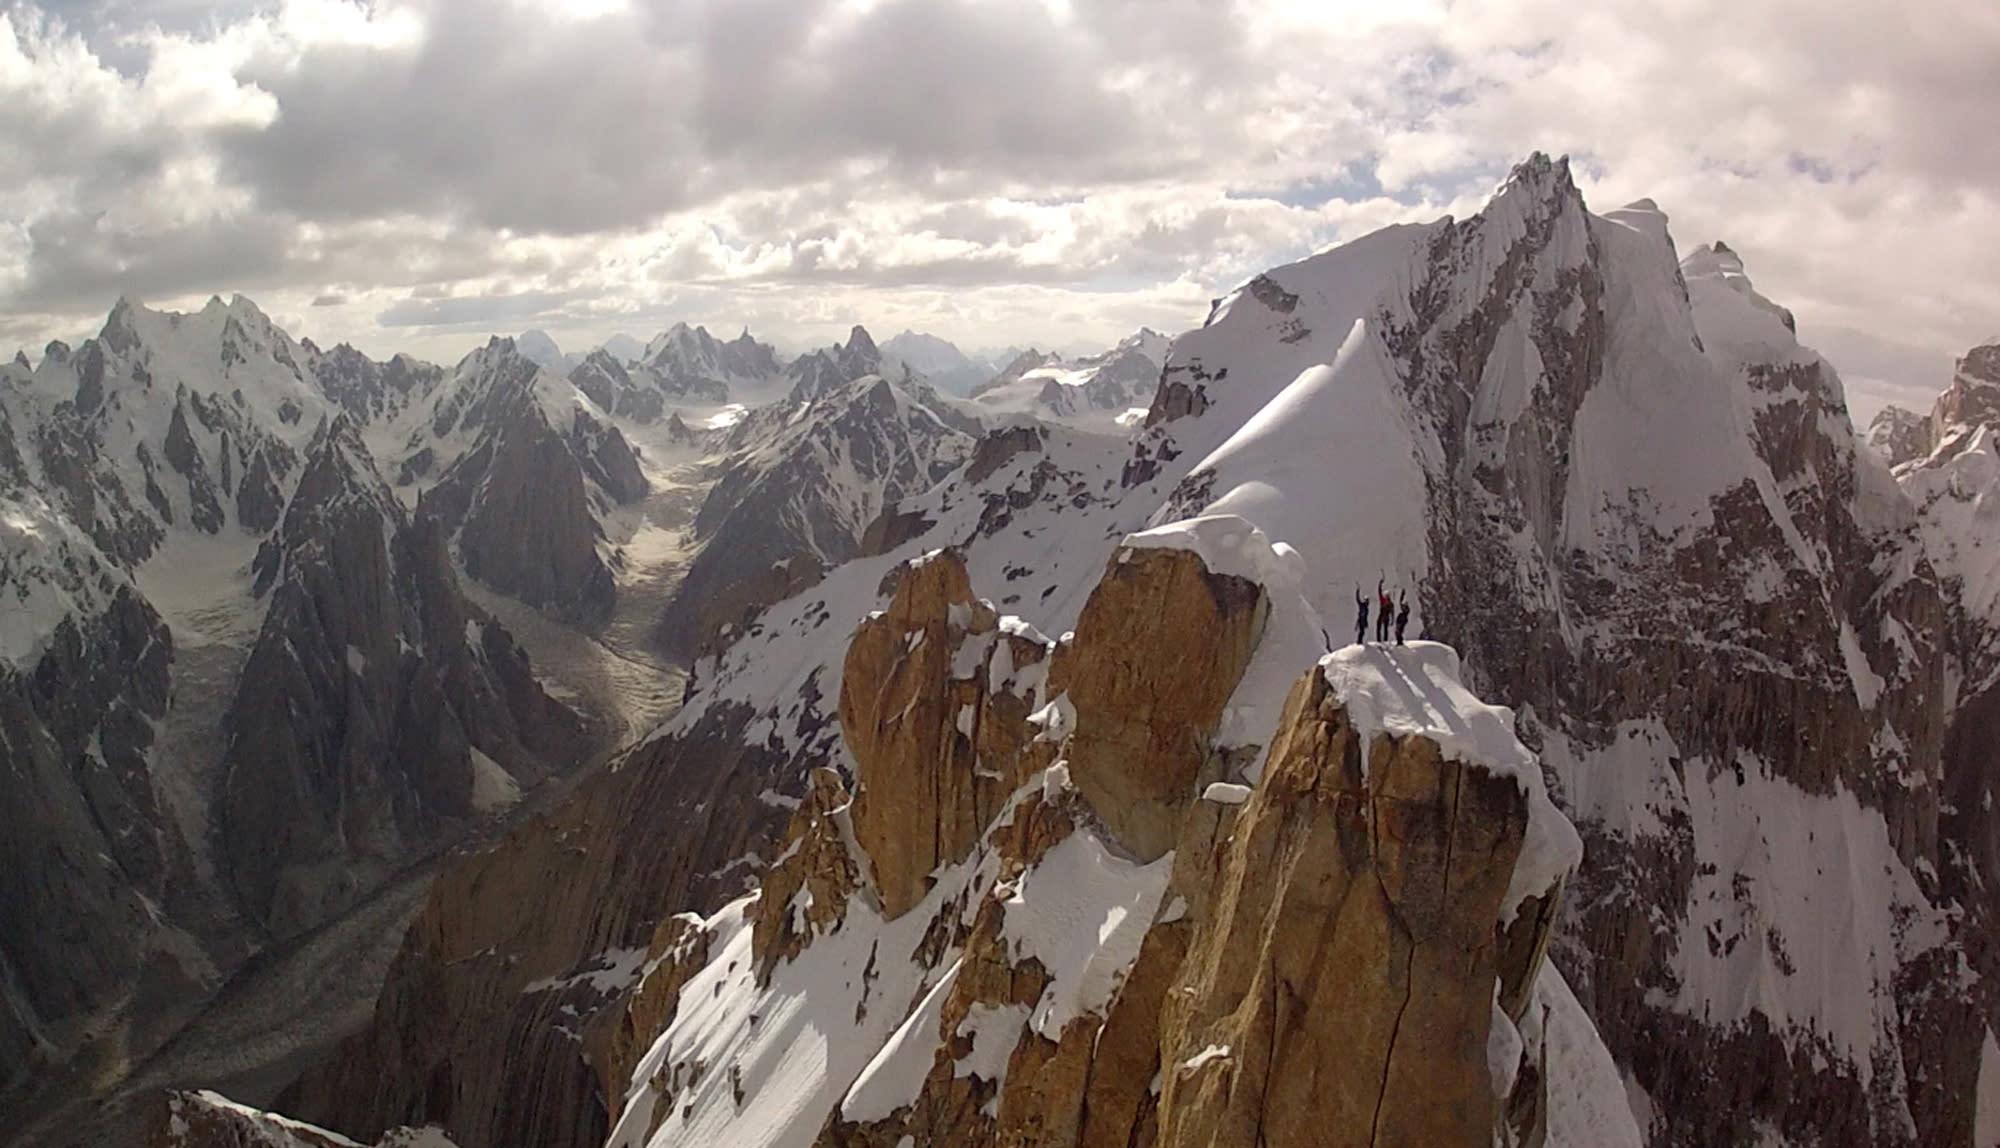 Drones capture mountain scenery in Pakistan